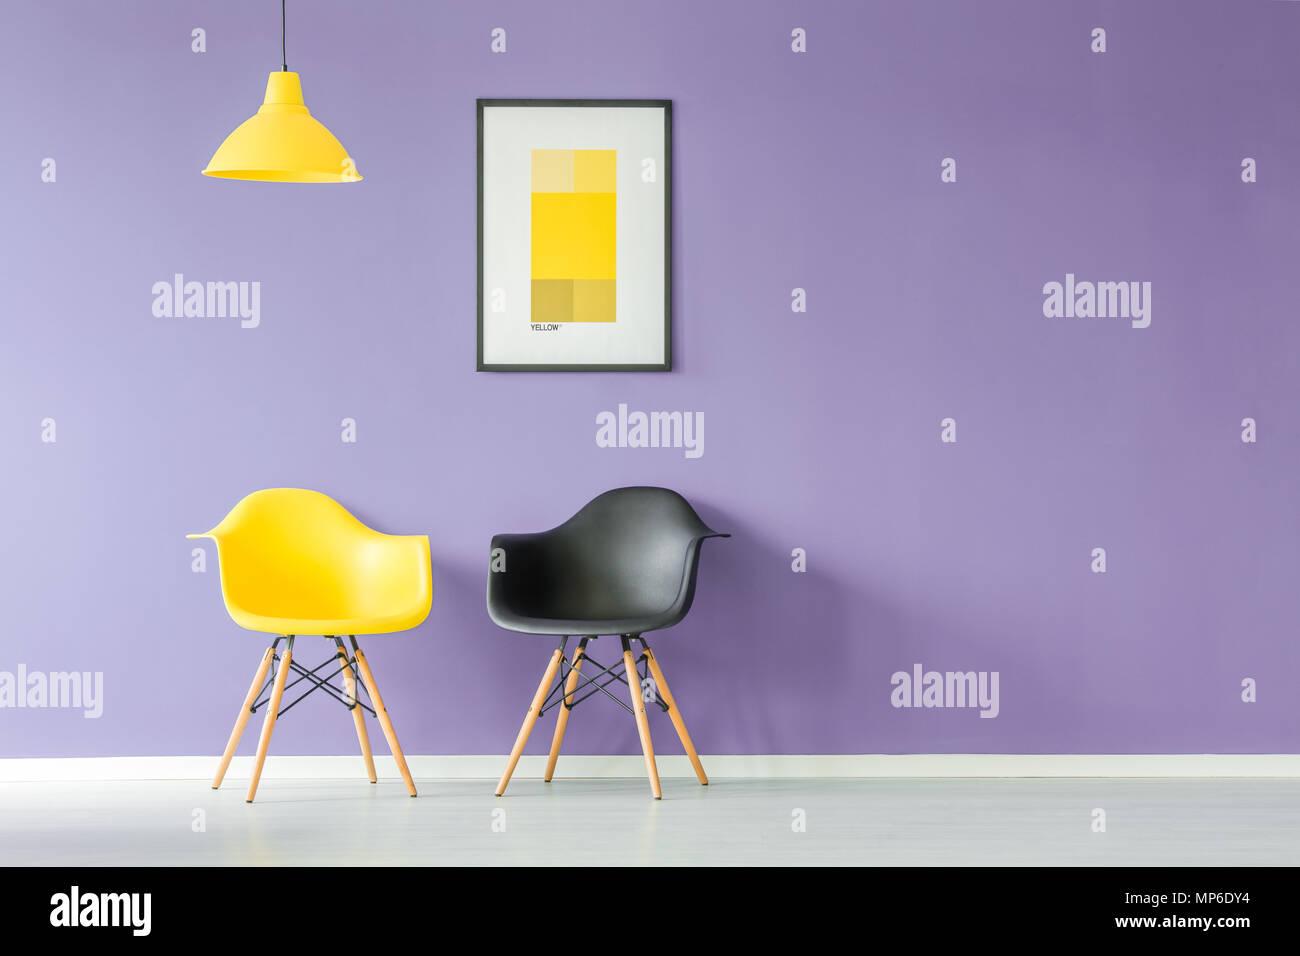 Vue avant de couleur contrastante, jaune et noir des chaises et une lampe jaune fond violet contre mur avec une affiche dans un minimum d'inter de salon Photo Stock